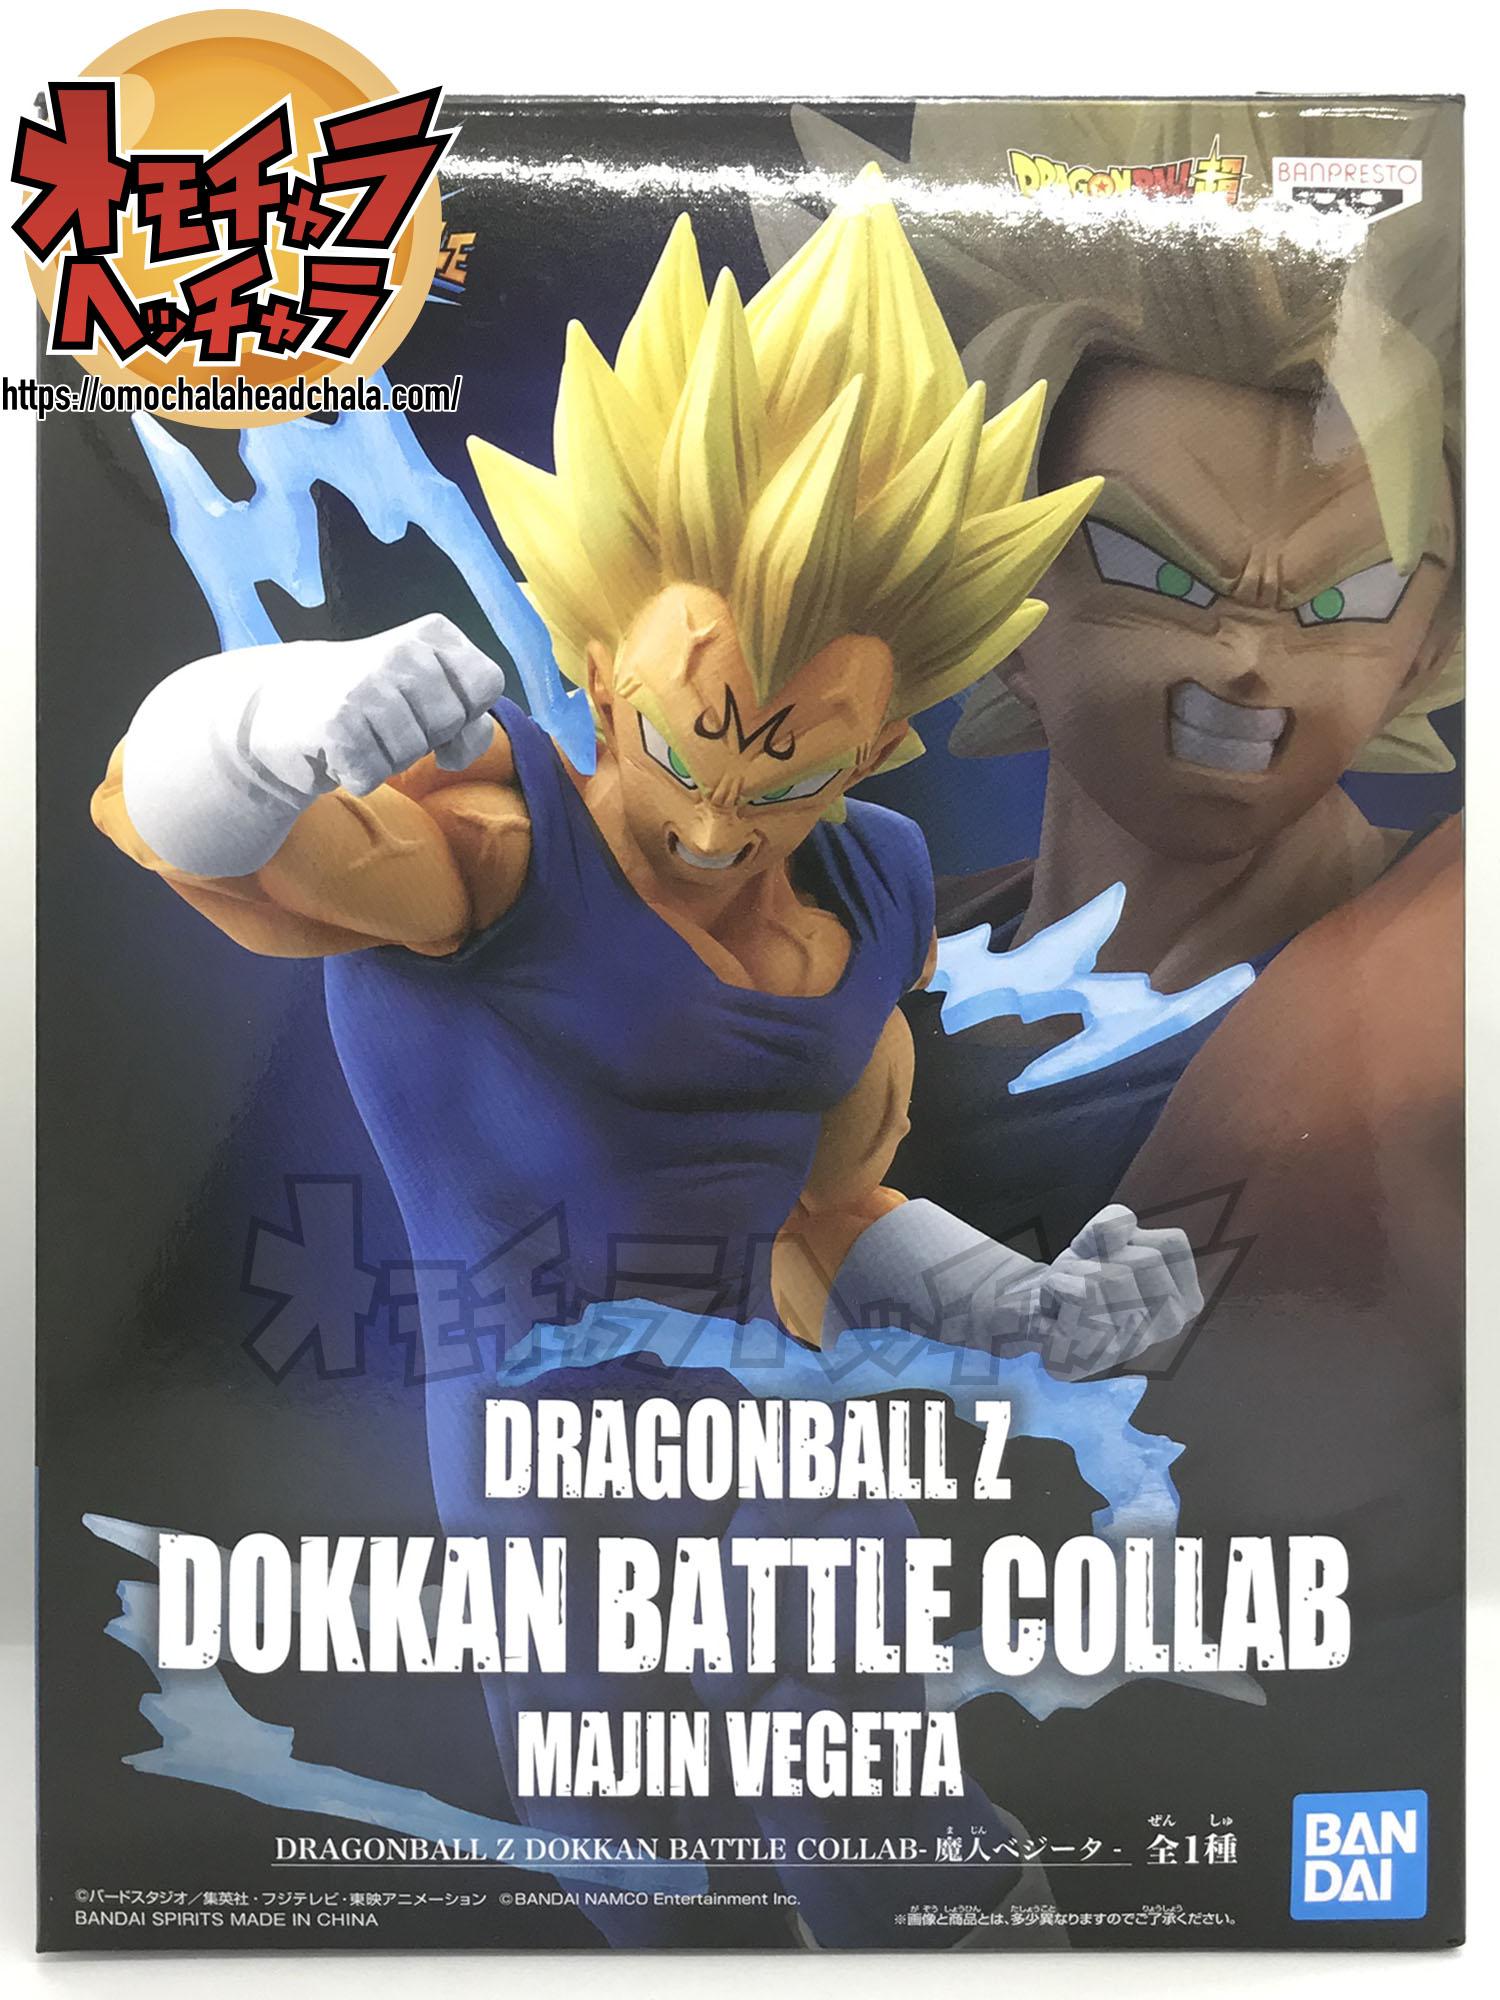 ドラゴンボールフィギュアレビューブログのDRAGONBALL Z DOKKAN BATTLE COLLAB(ドッカンバトルコラボ)-魔人ベジータ-